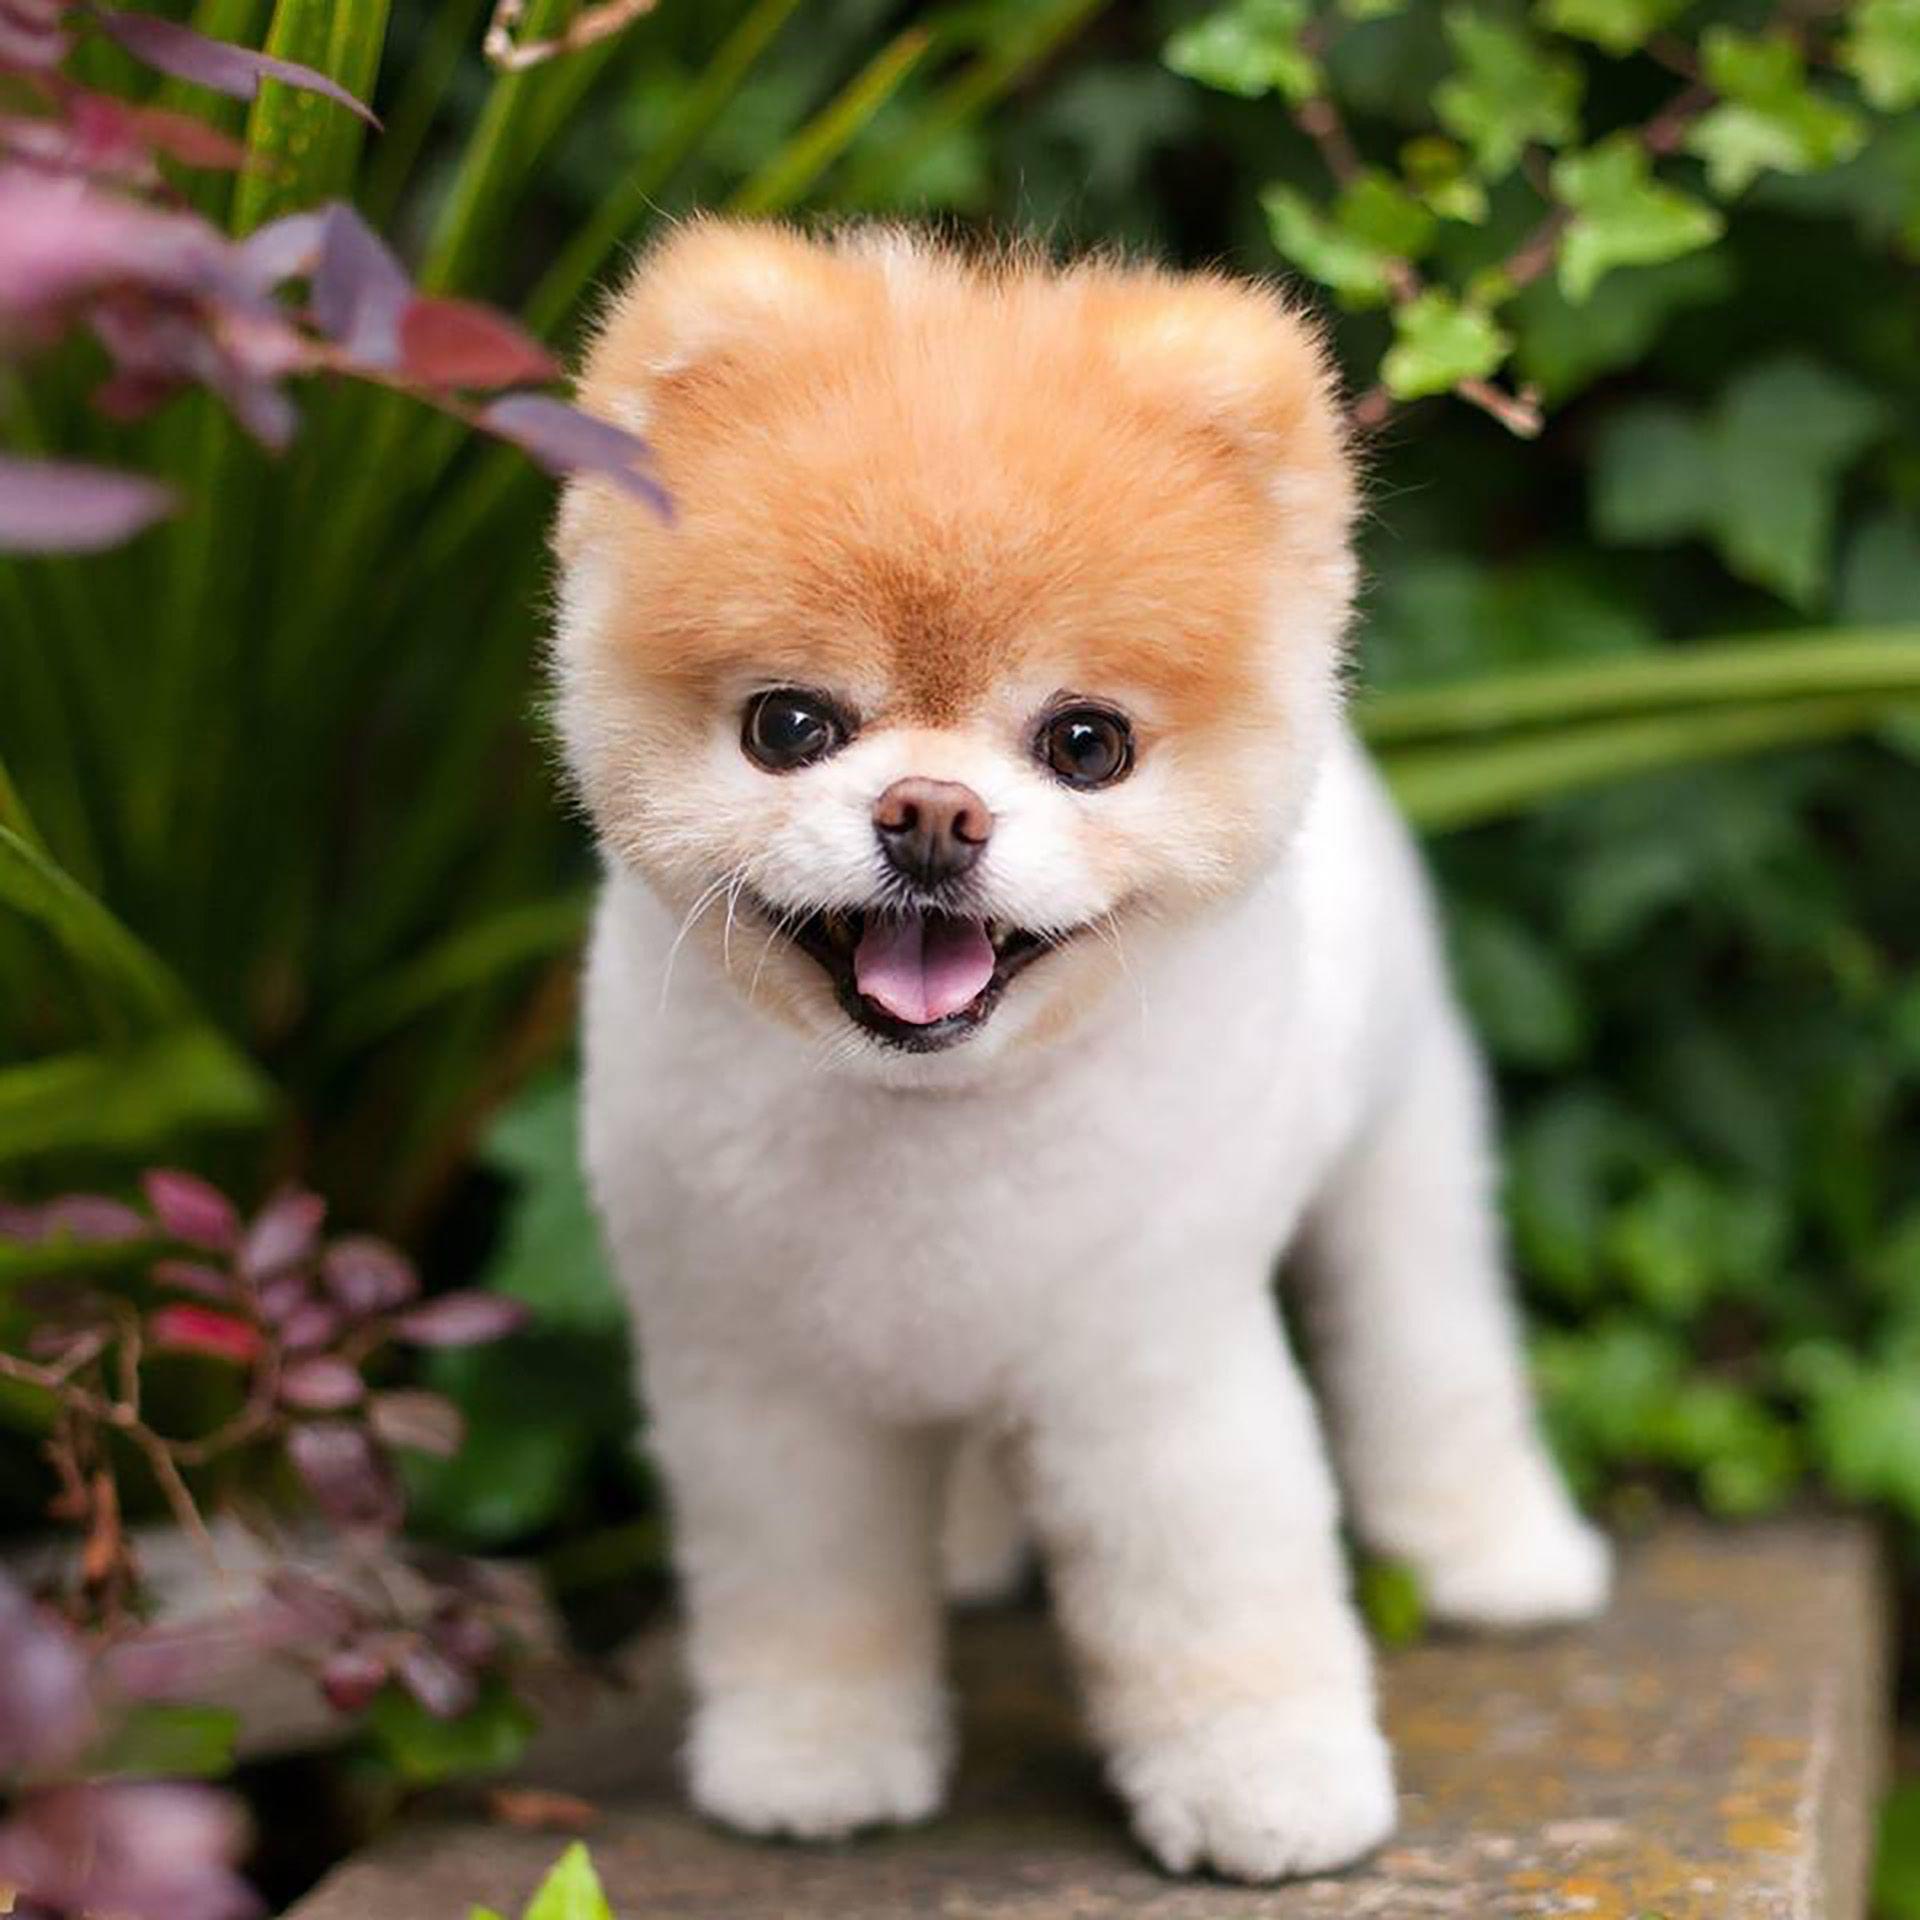 Murió Boo El Perrito Más Lindo Del Mundo Boo El Perro Más Lindo Perros Lindos Perro Boo